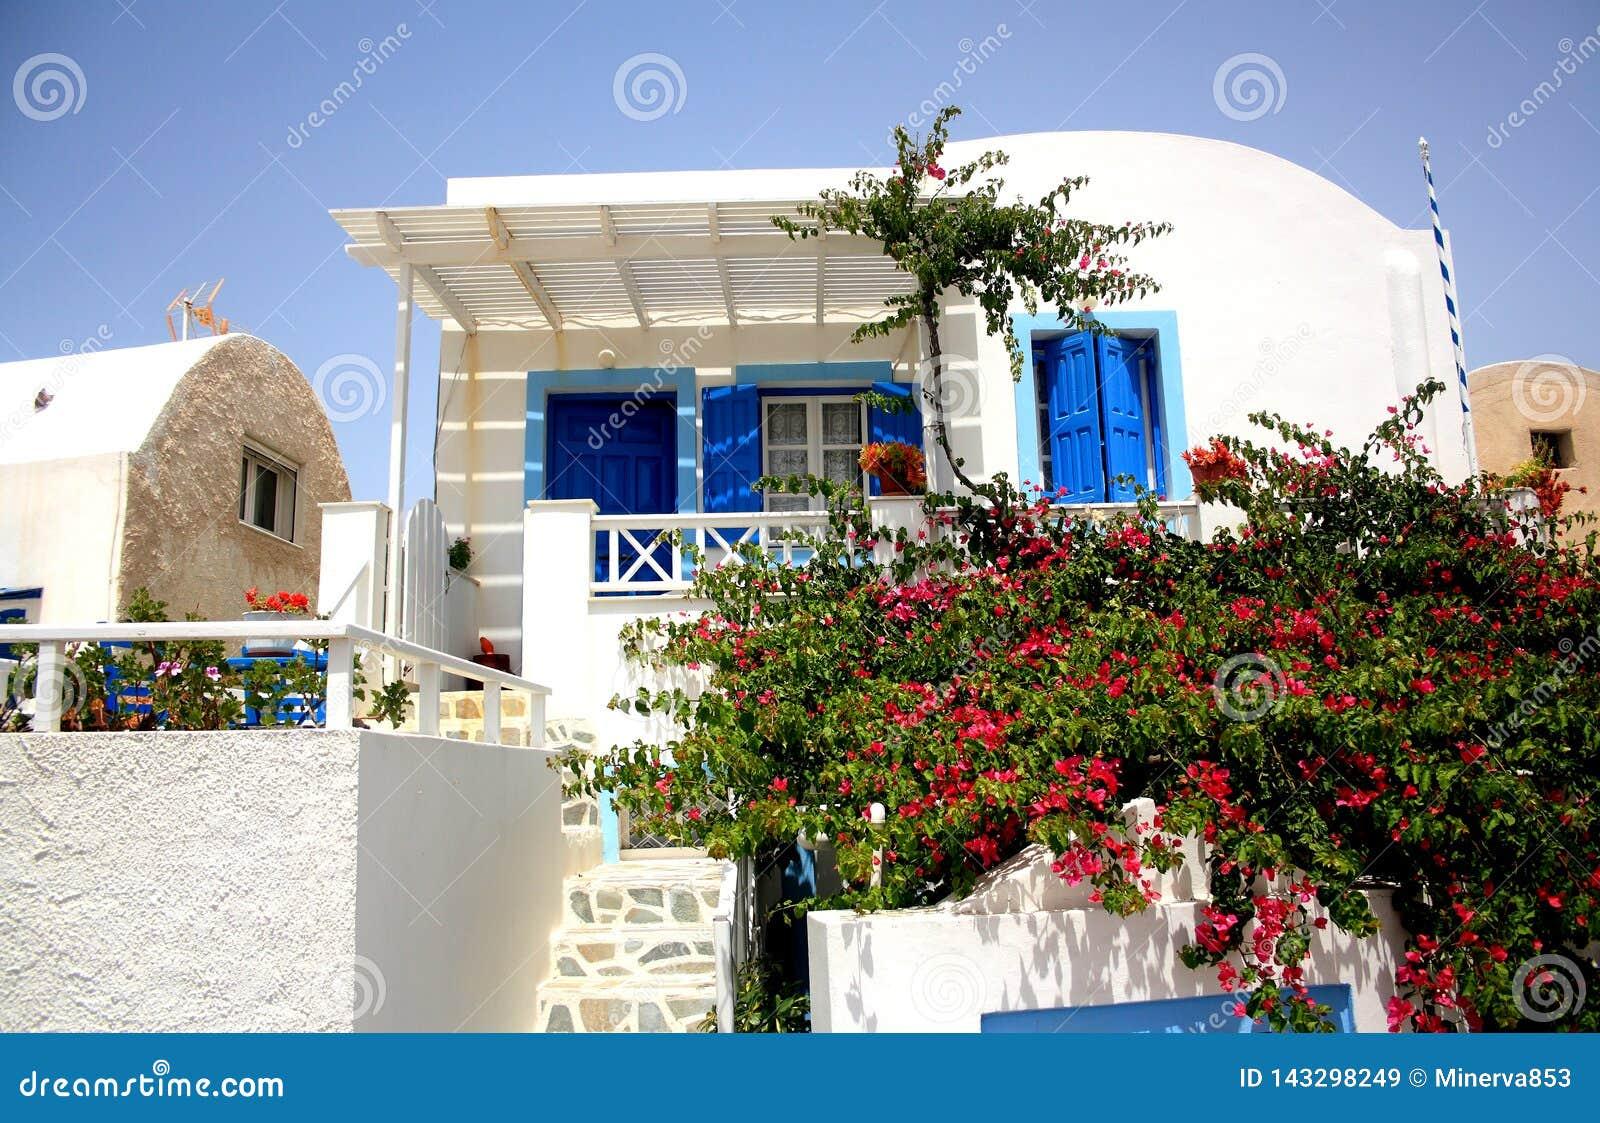 Ένας Λευκός Οίκος με τις μπλε χρωματισμένα πόρτες και τα πλαίσια παραθύρων και ο Μπους με τα λουλούδια στην μπροστινή σκηνή στο ν